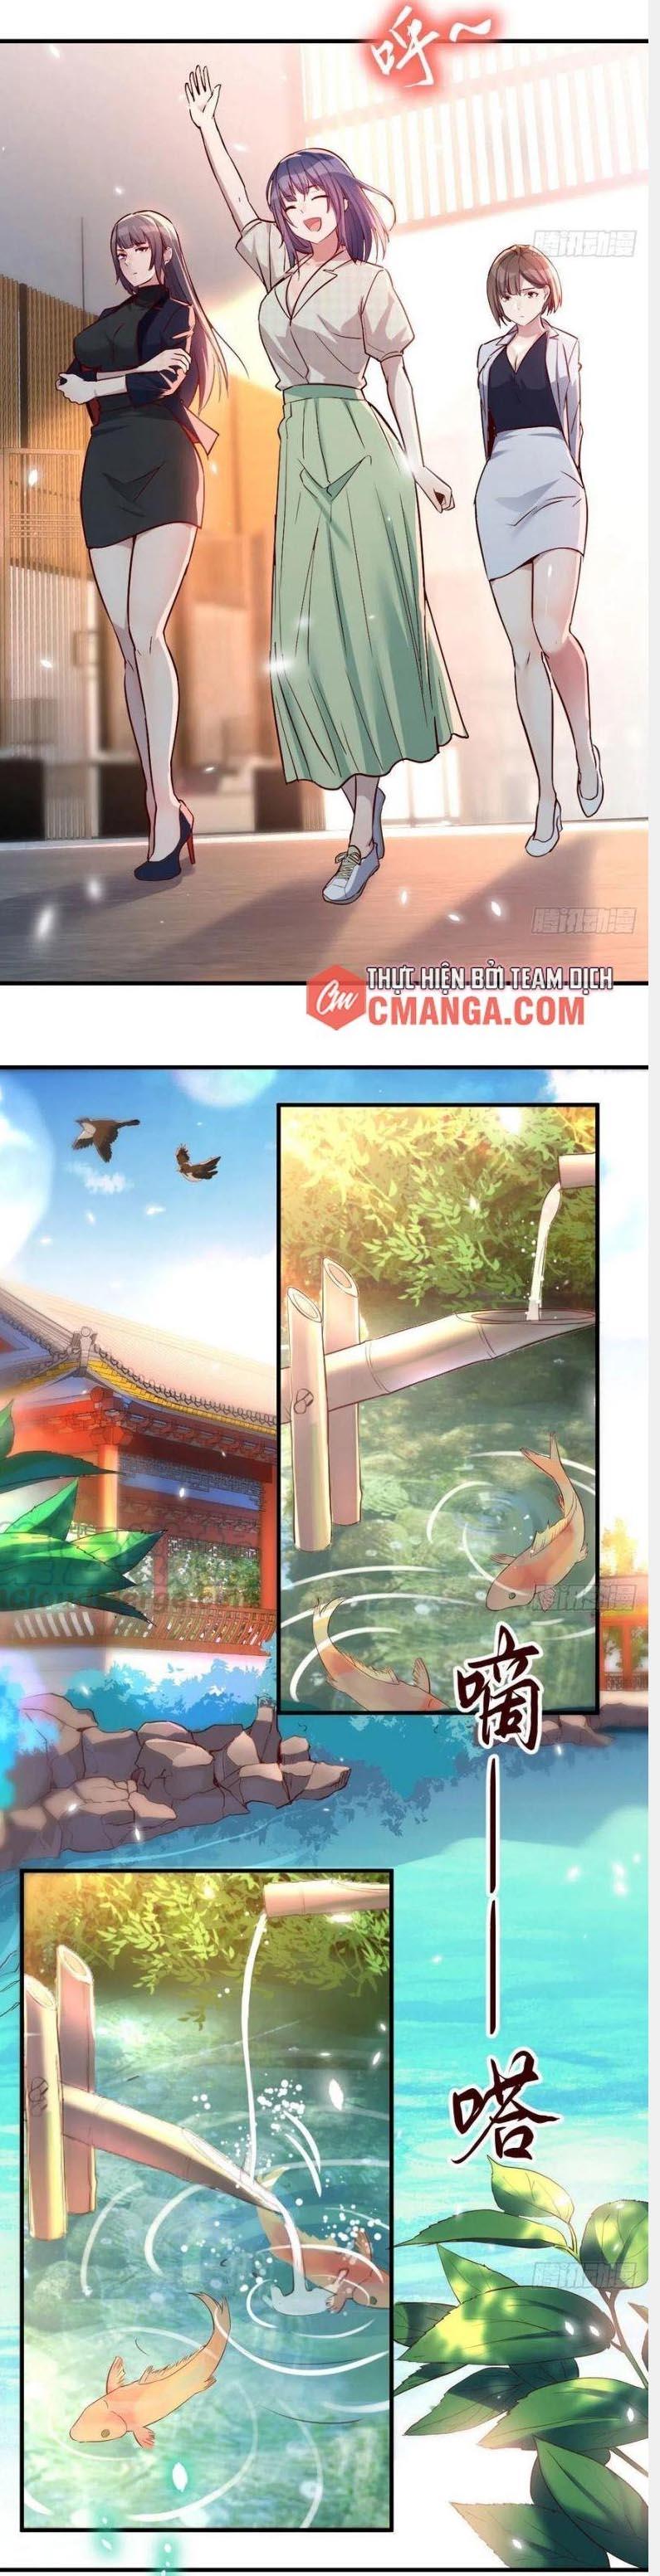 Trong Nhà Có 2 Bạn Gái Song Sinh Chapter 66 - upload bởi truyensieuhay.com